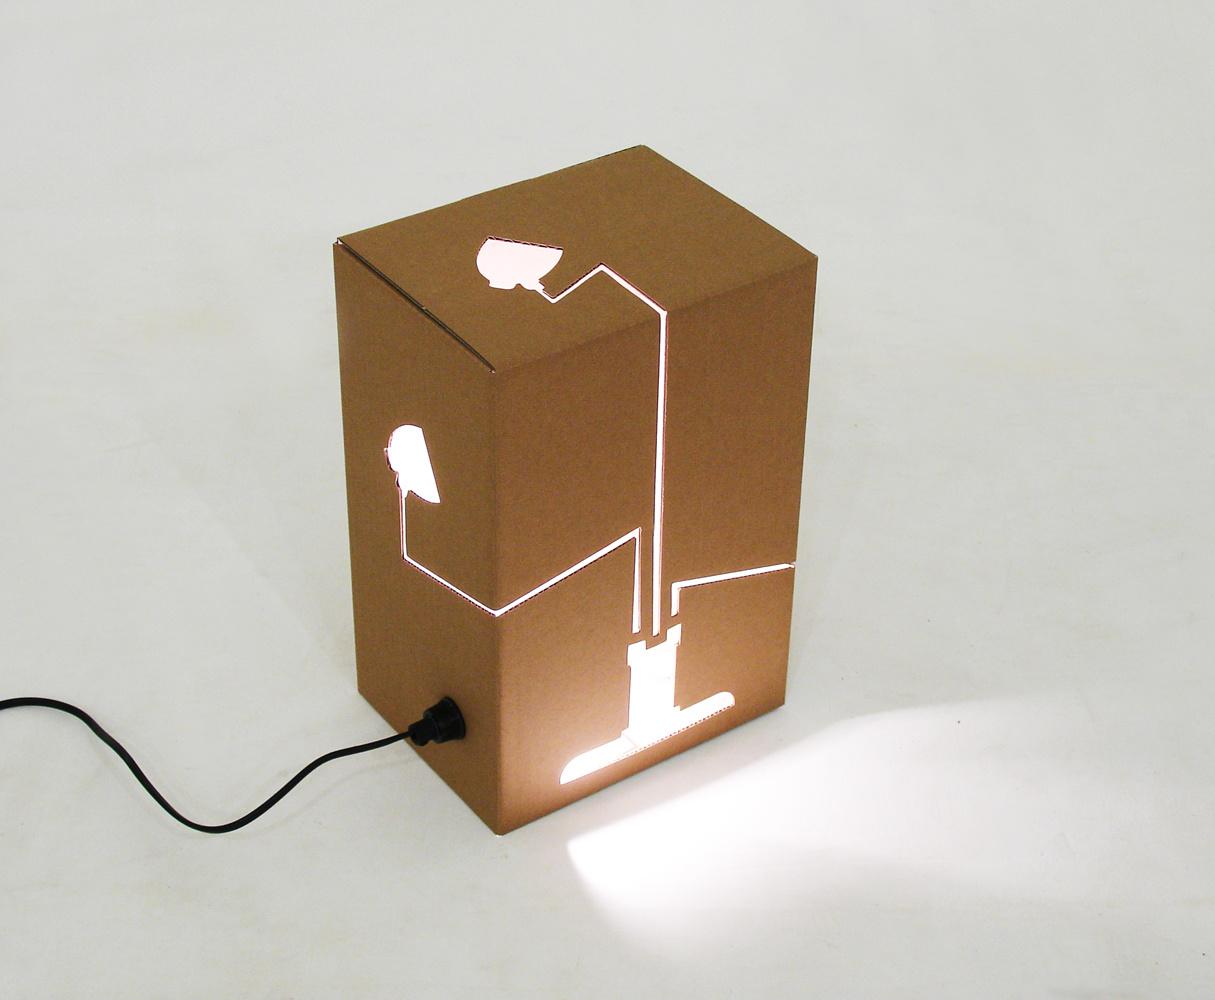 238142 11658917 not a lamp 1 jpg